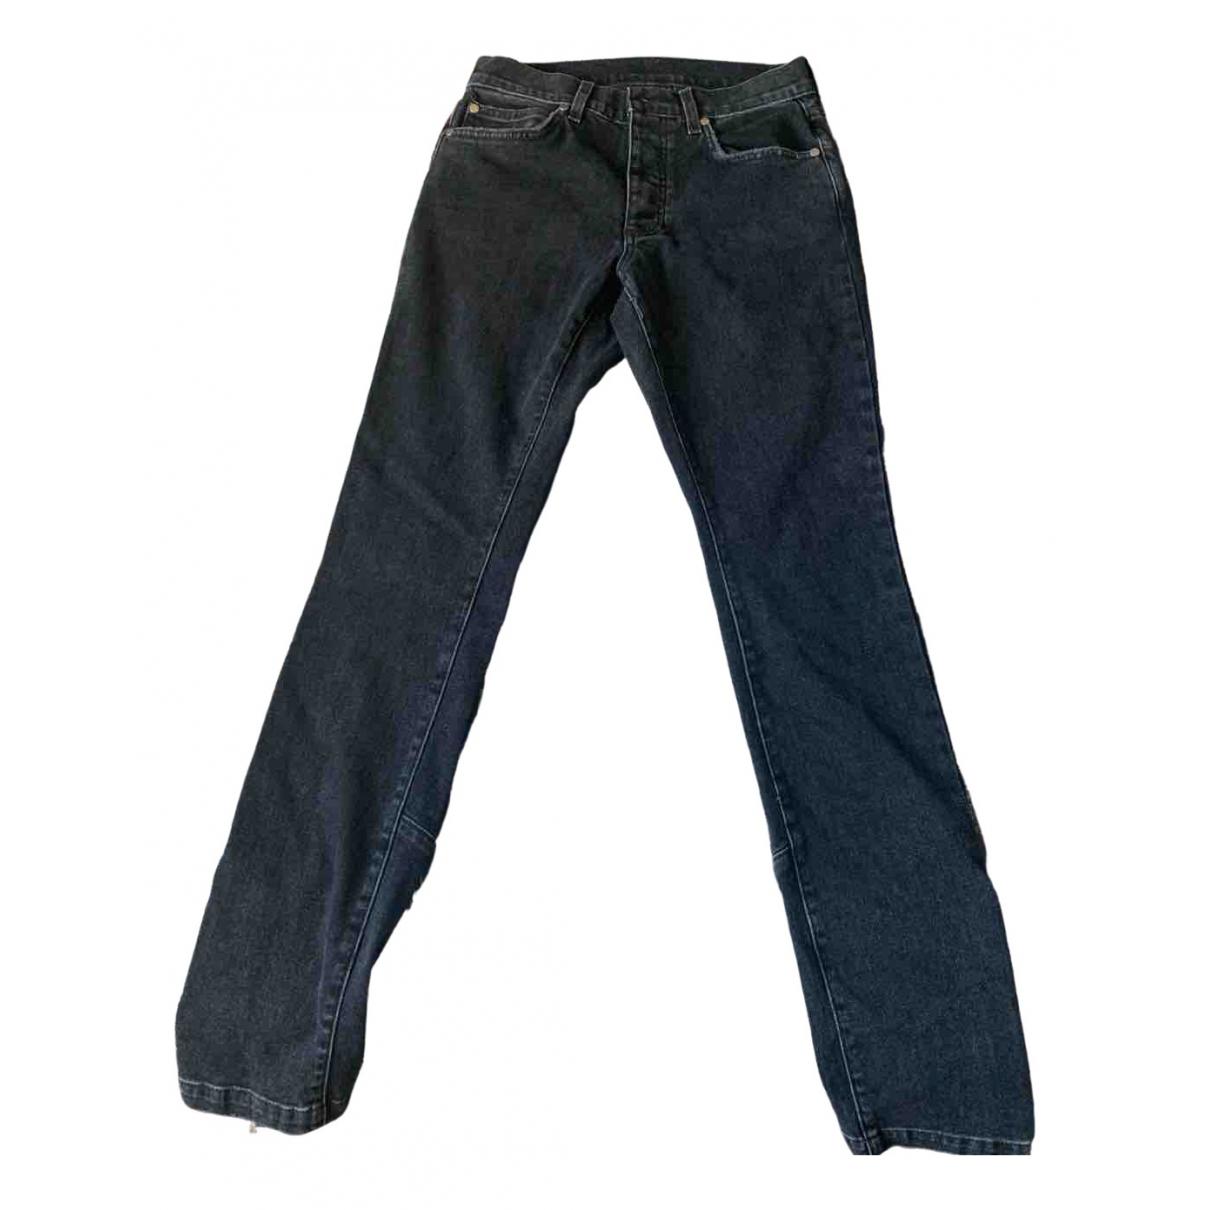 Pantalones en Denim - Vaquero Negro Rhude